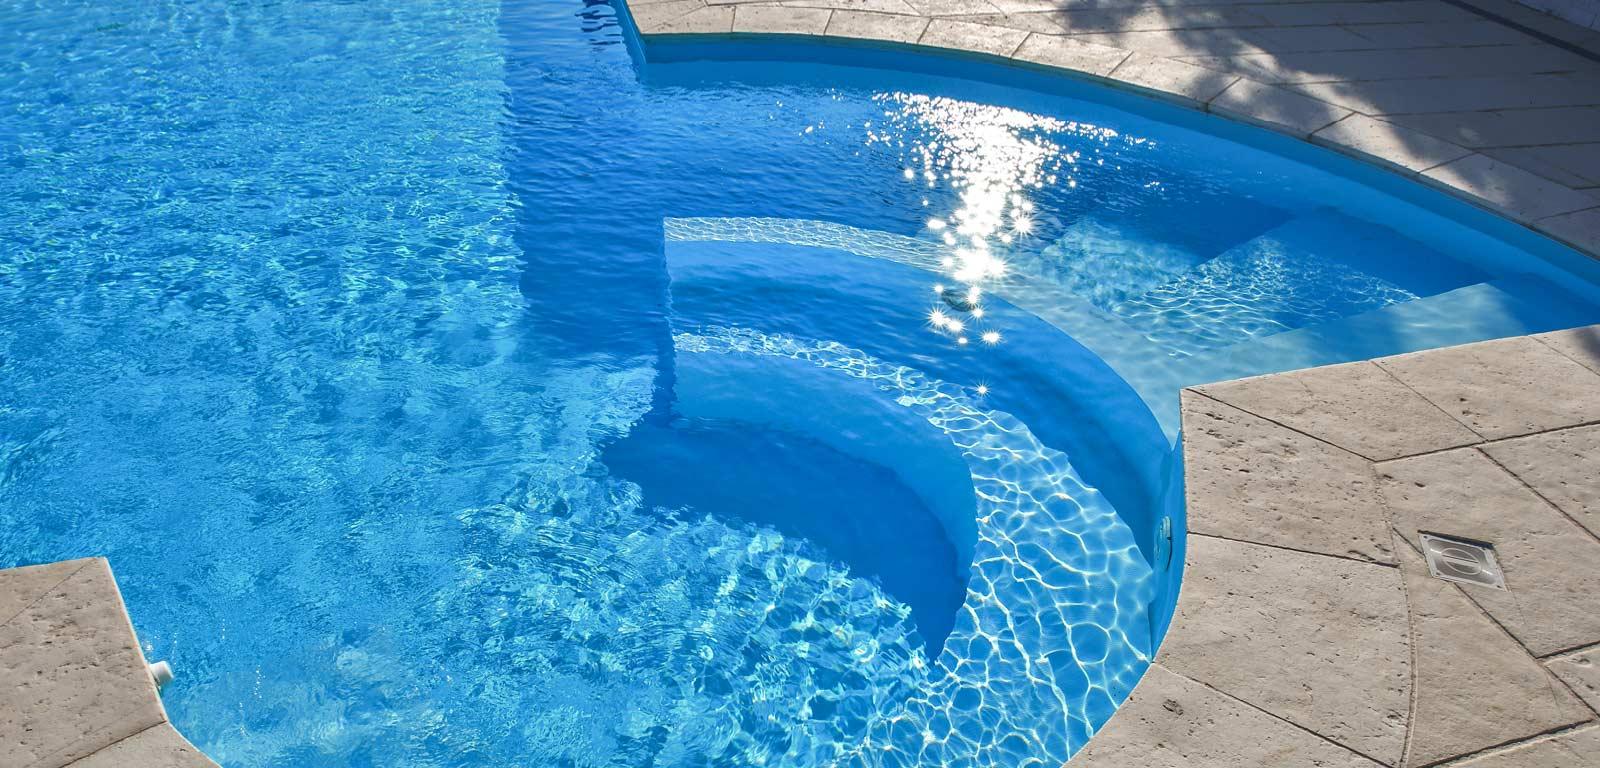 Idromassaggi e fontane piscine accessori manutenzione for Cigno gonfiabile per piscina